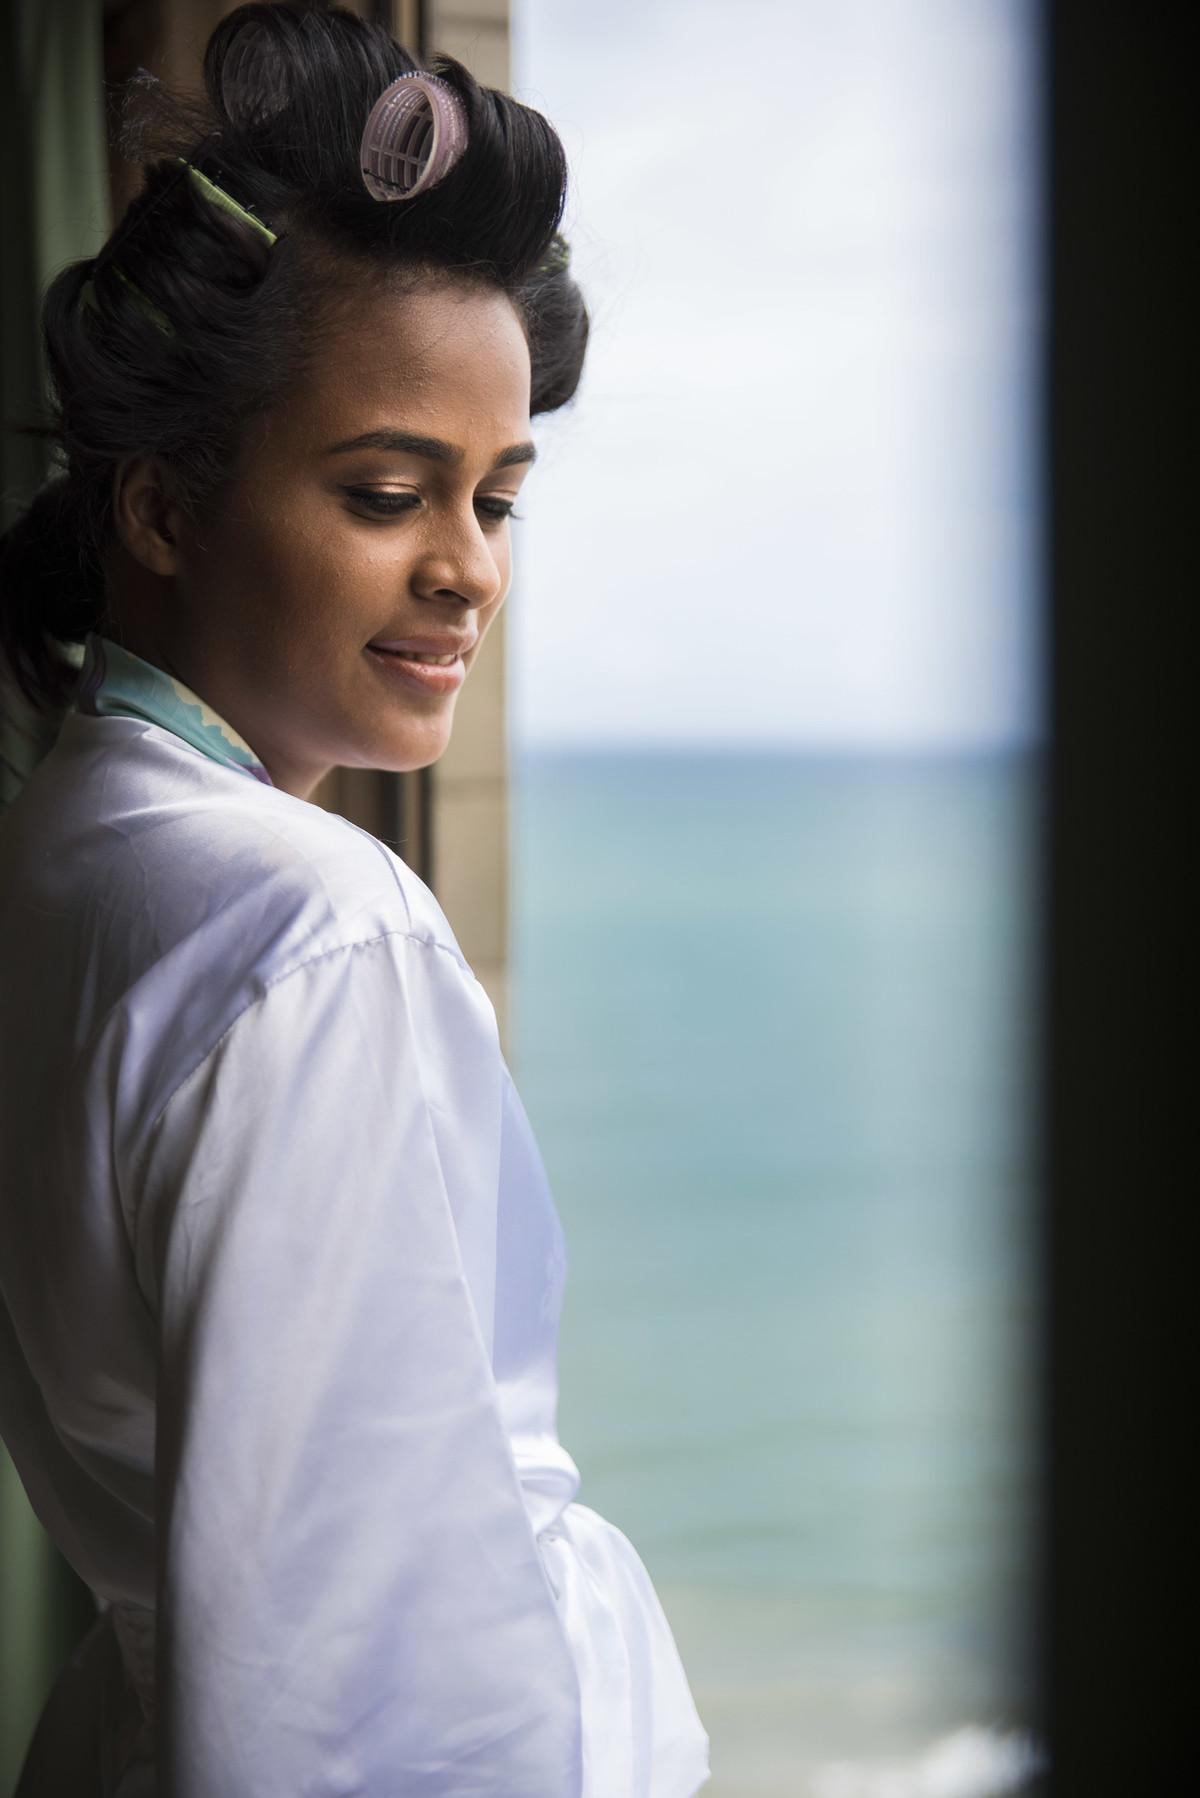 Noiva observando a praia da janela do quarto do Hotel Dorisol,em Piedade - PE, por Rafaelly Lemos